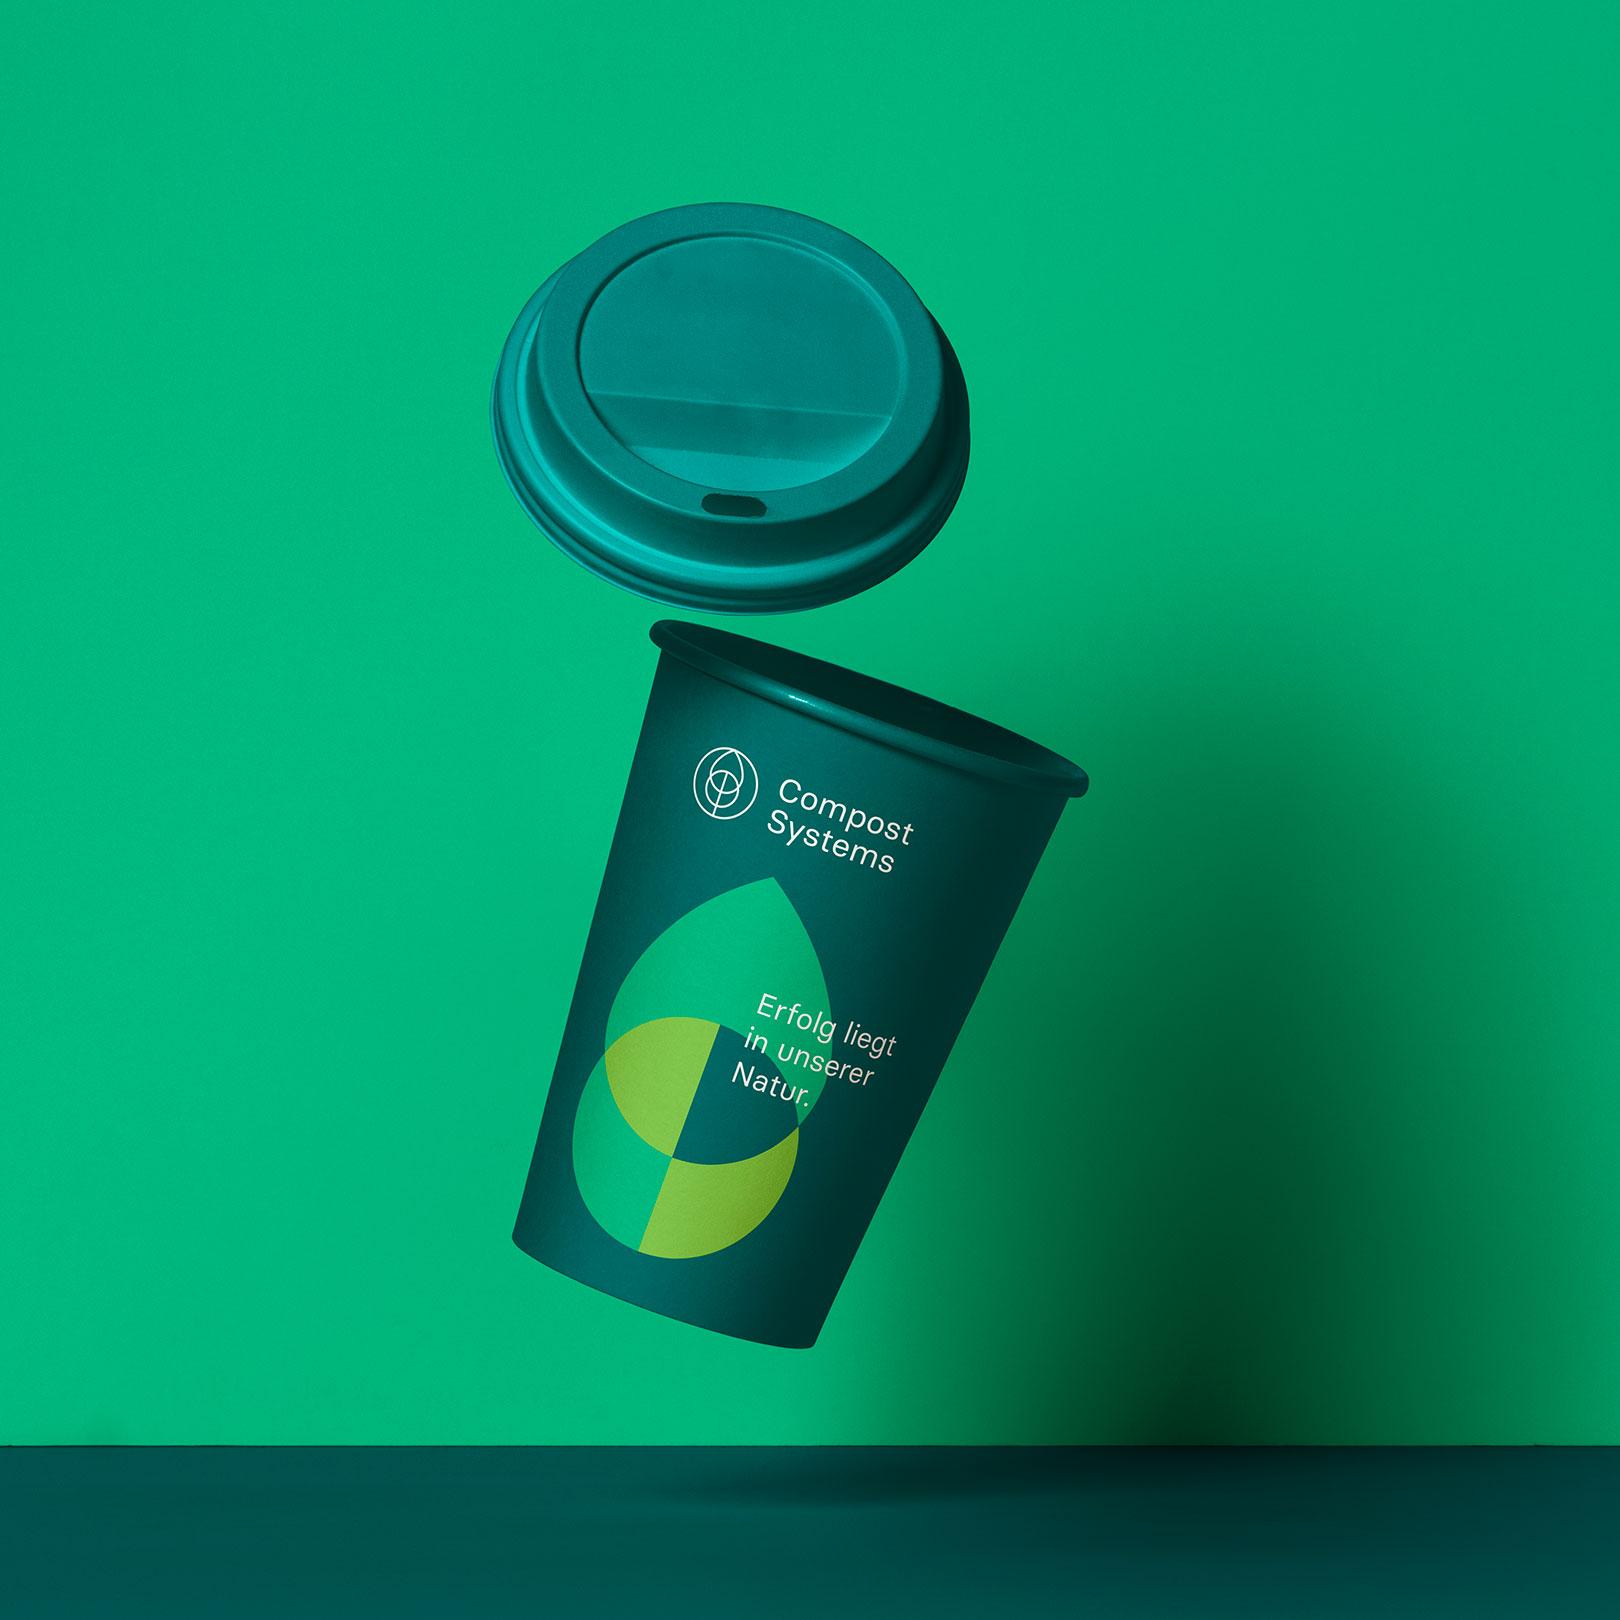 Q2 Werbeagentur, Compost Systems, Kaffeebecher